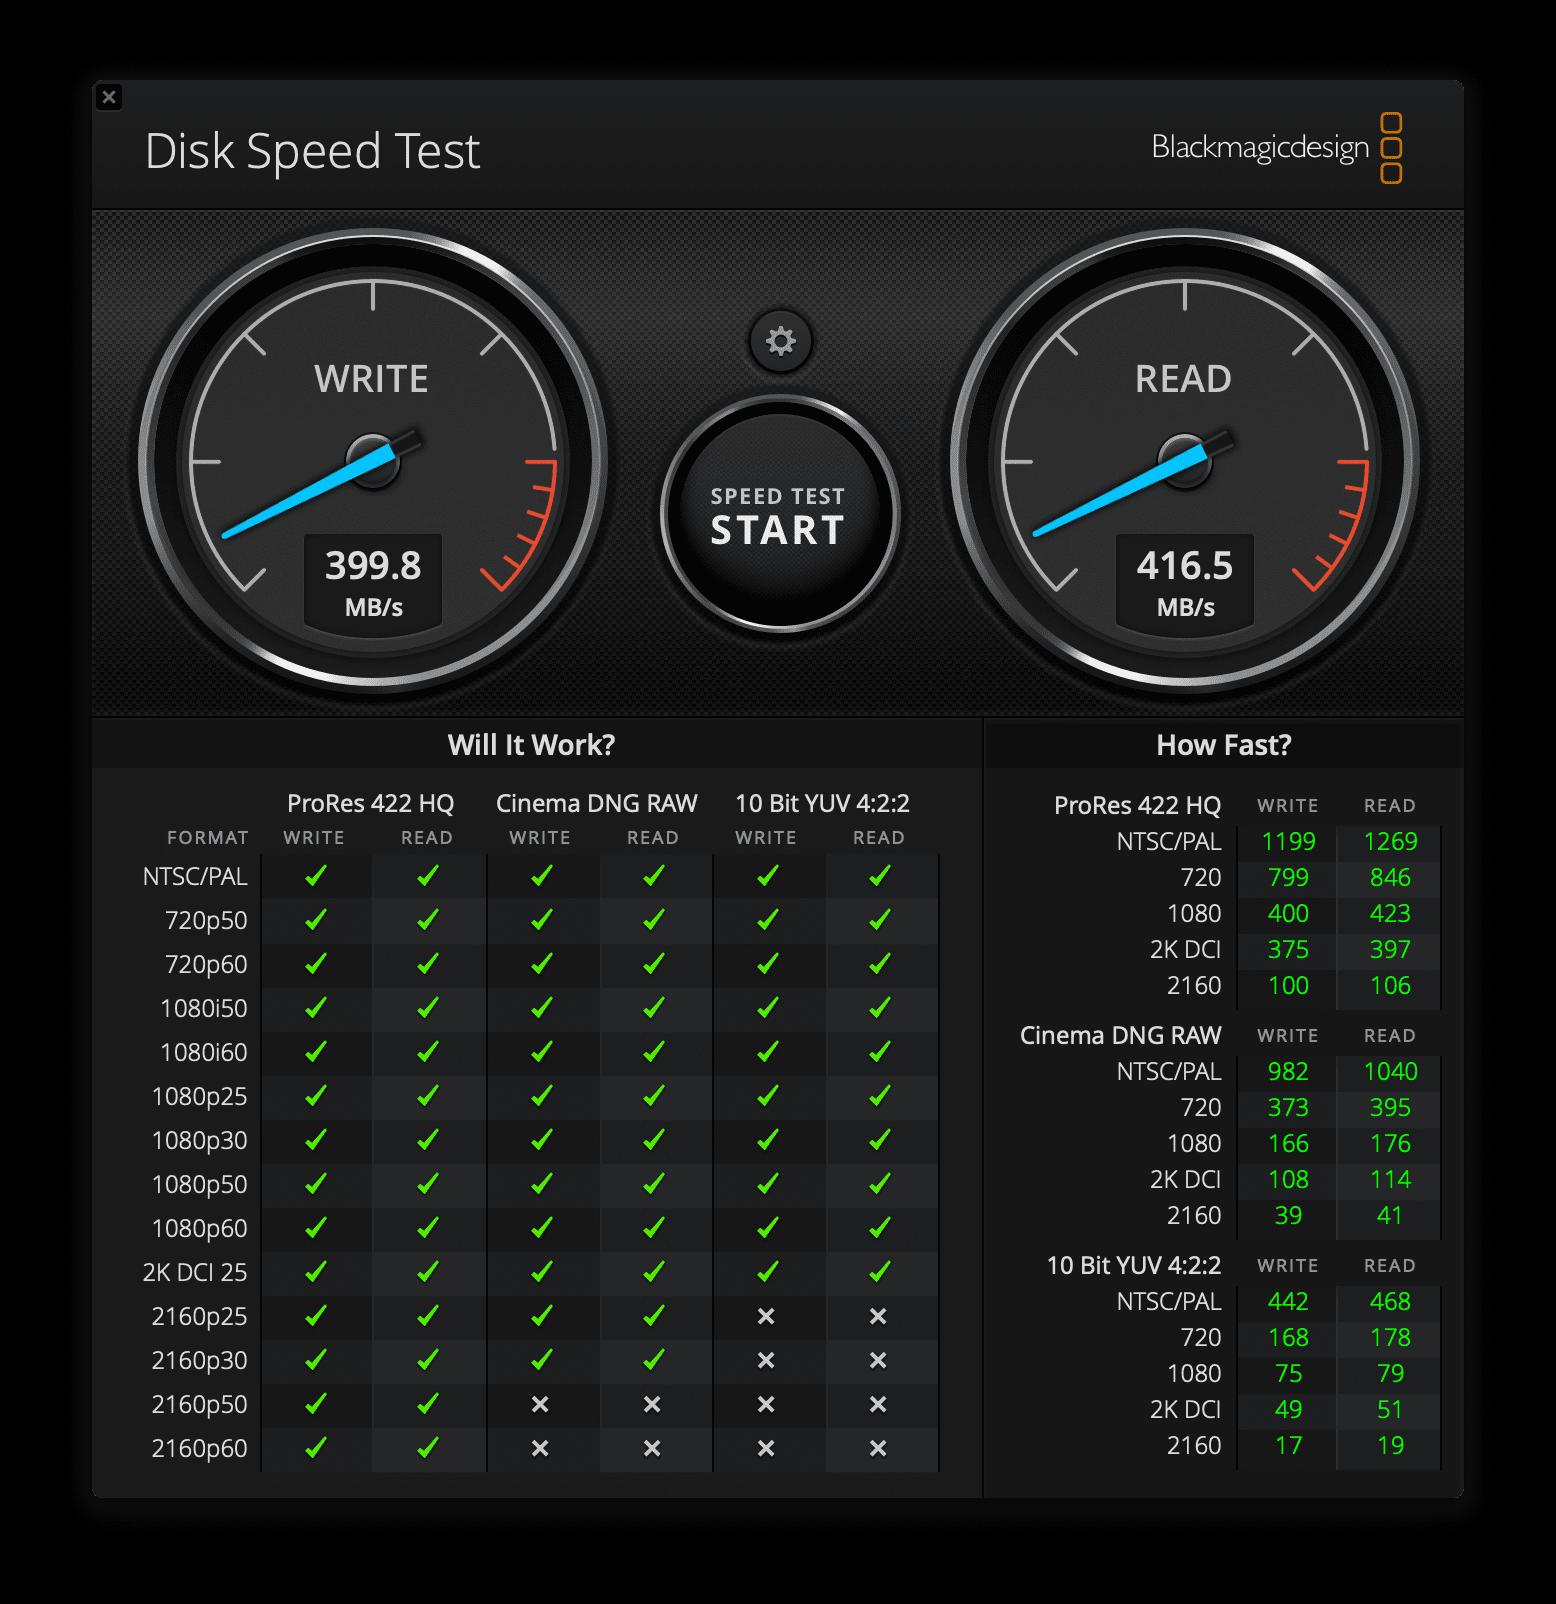 Les performances de débit du X200 : environ 400 MB/s en lecture et en écriture